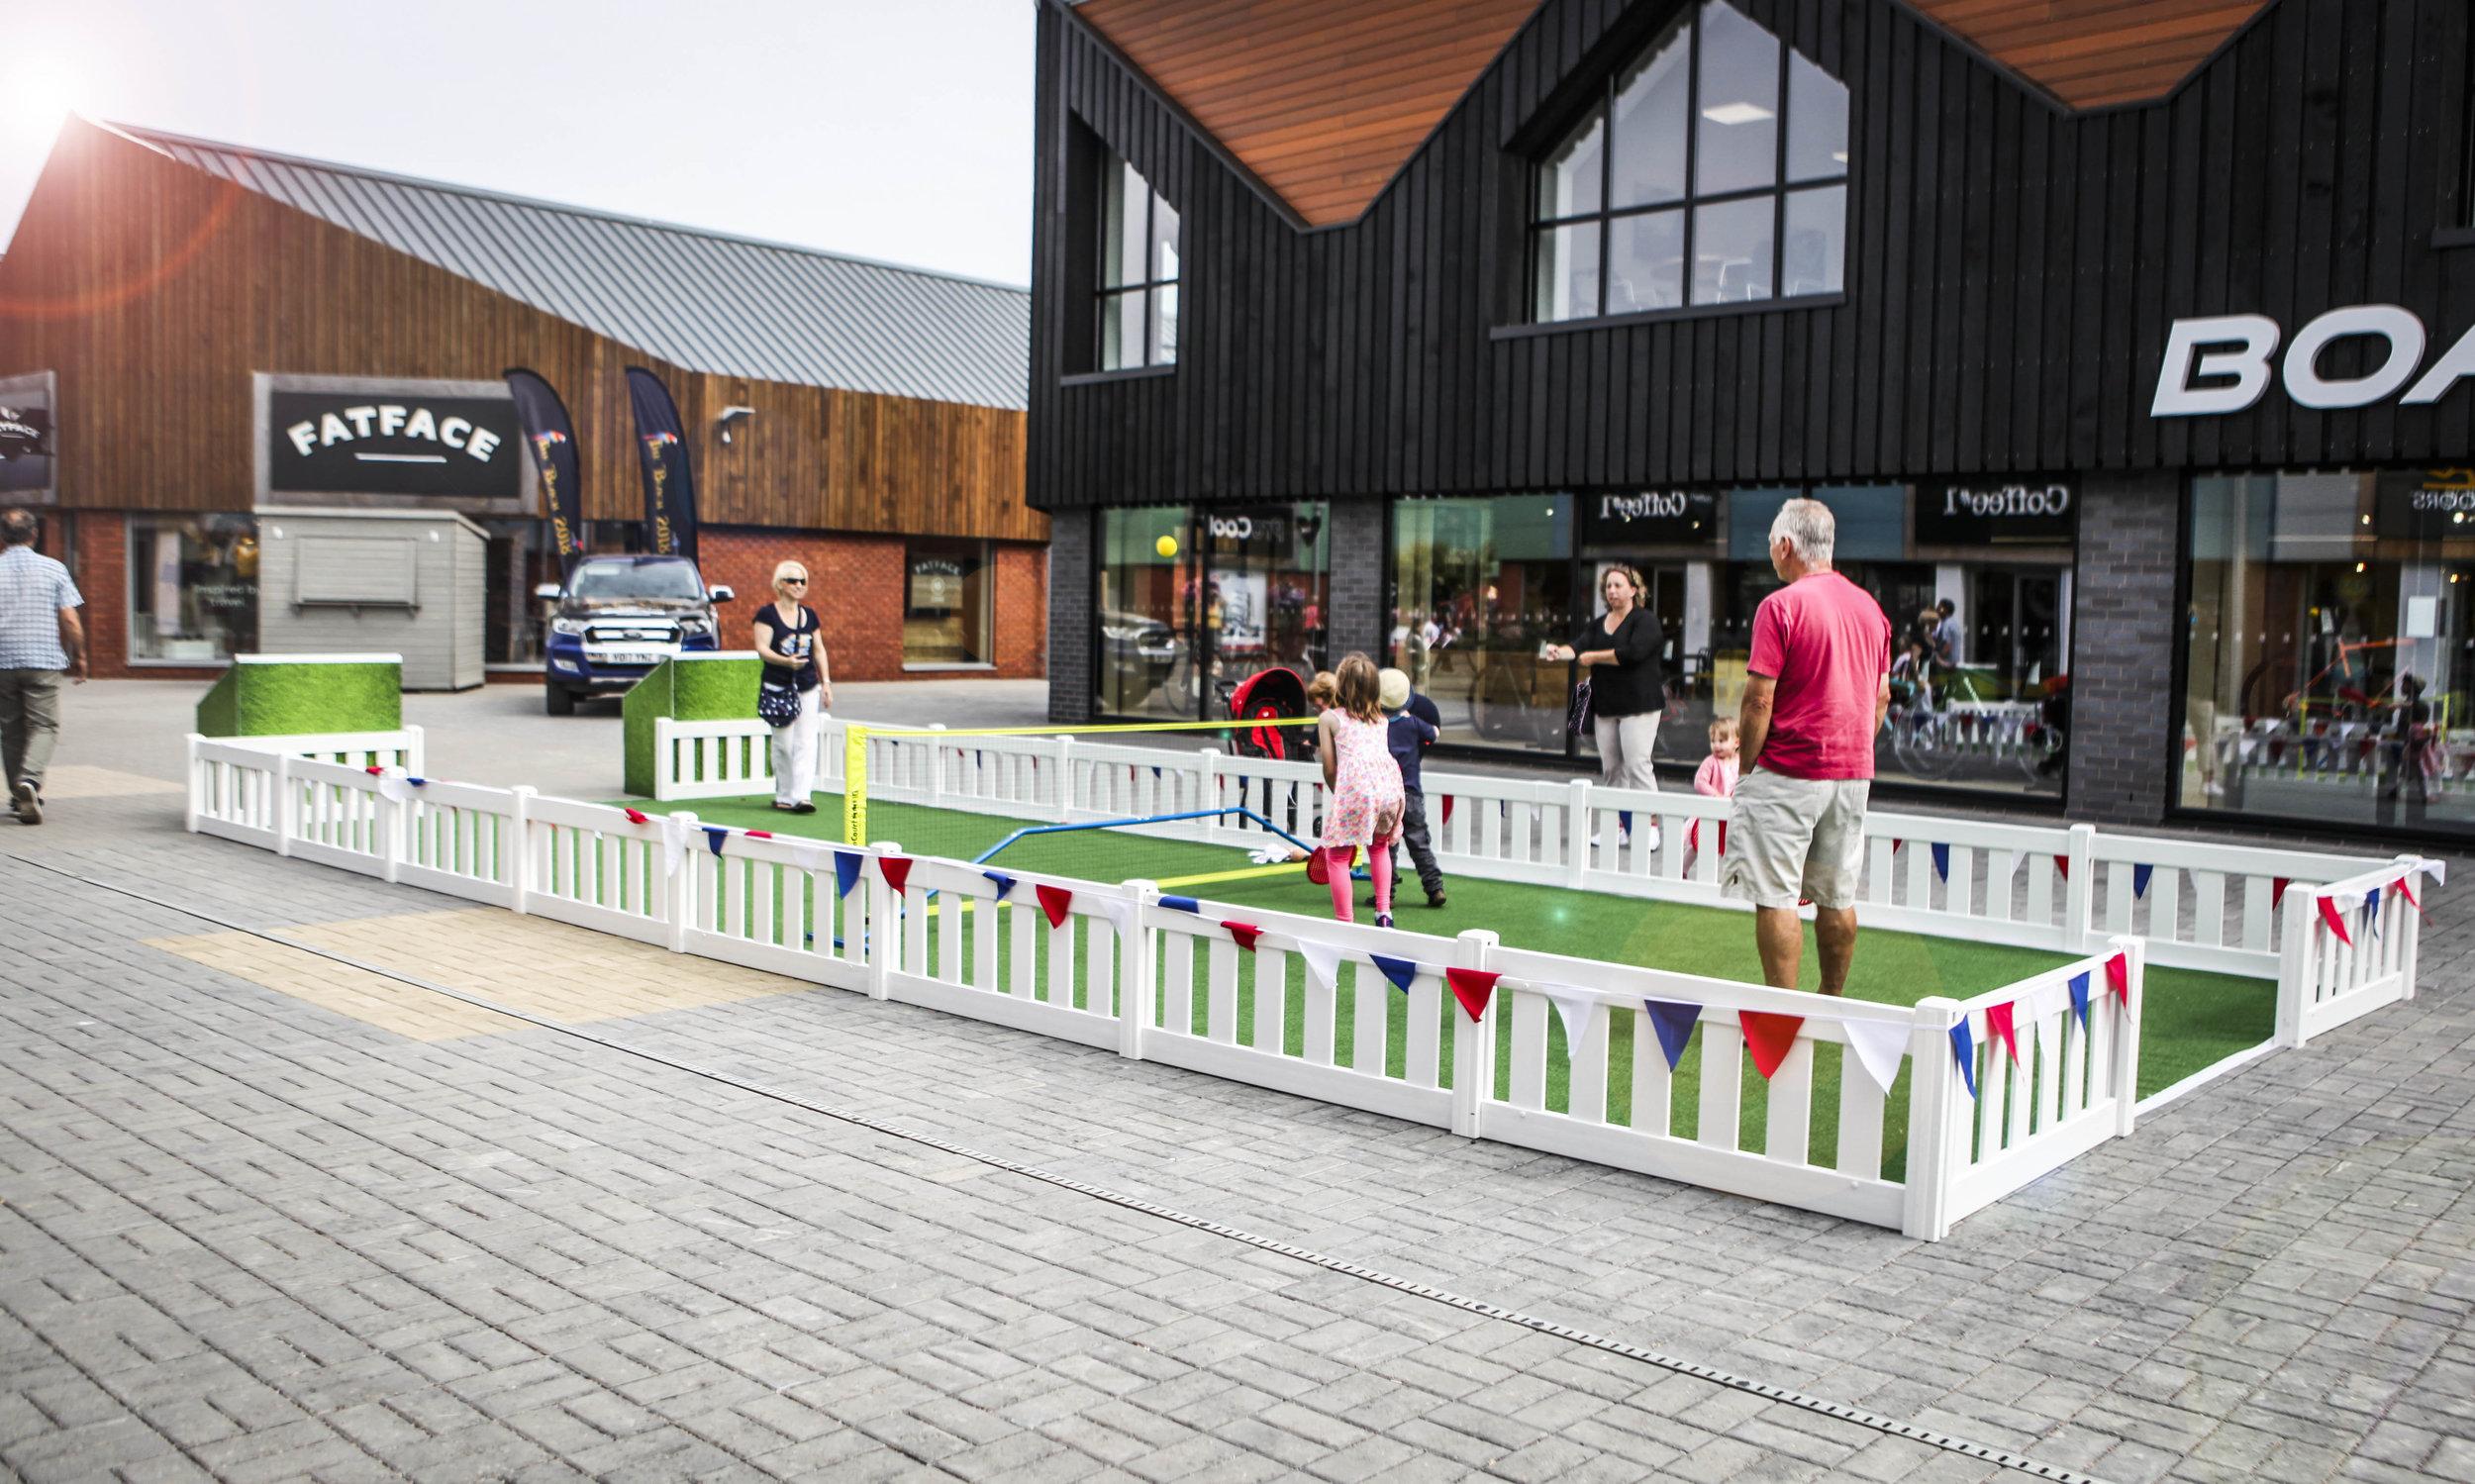 The Valley, Evesham pop-up short tennis court